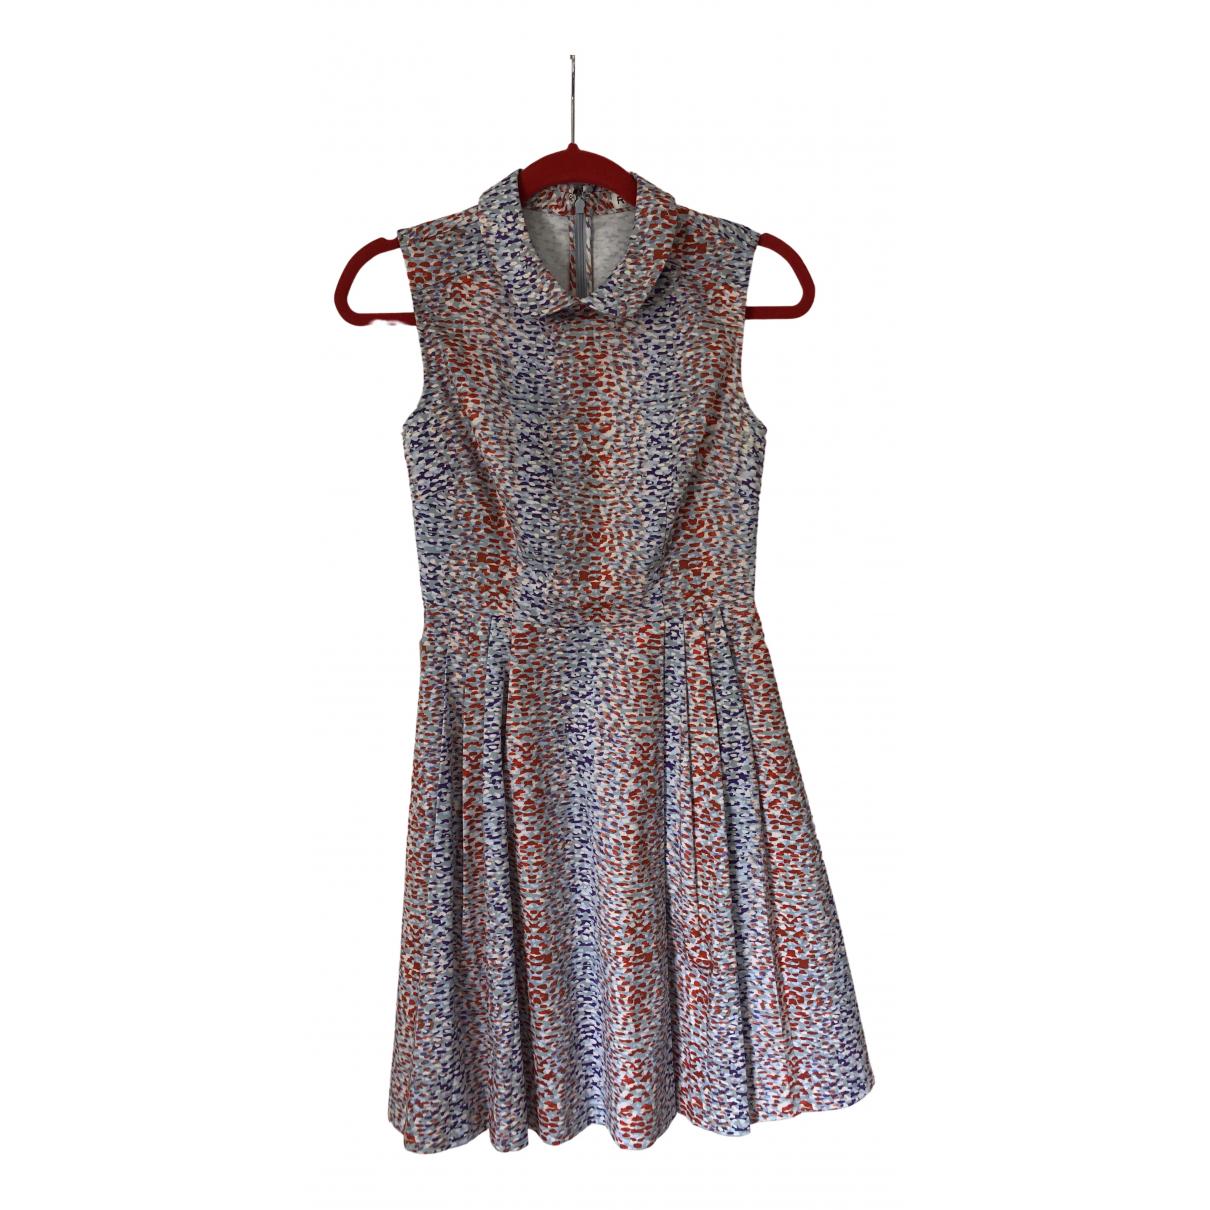 Reiss \N Kleid in Baumwolle